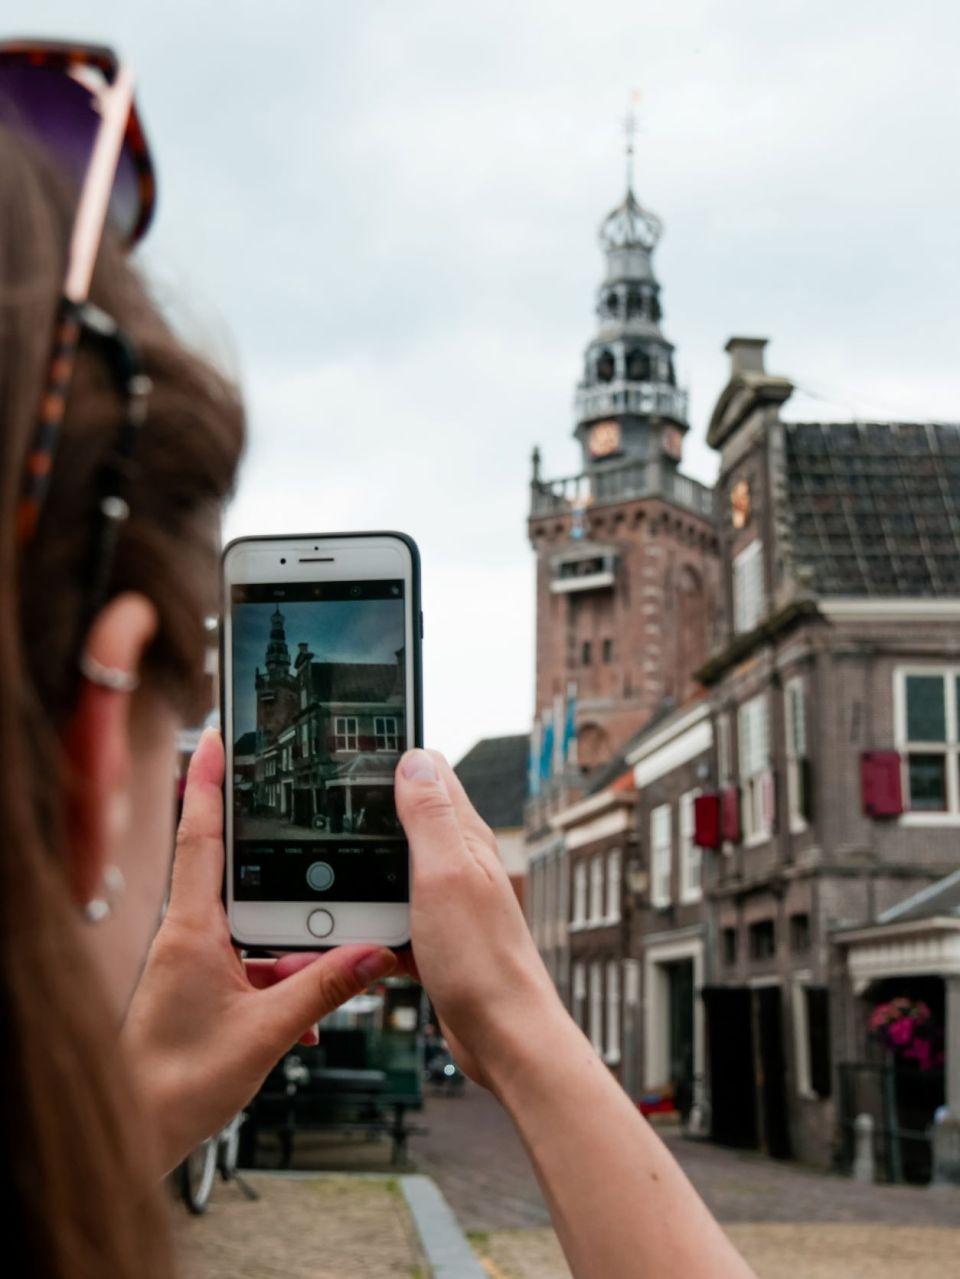 Femke zet met haar telefoon de kerktoren in Monnickendam op de foto